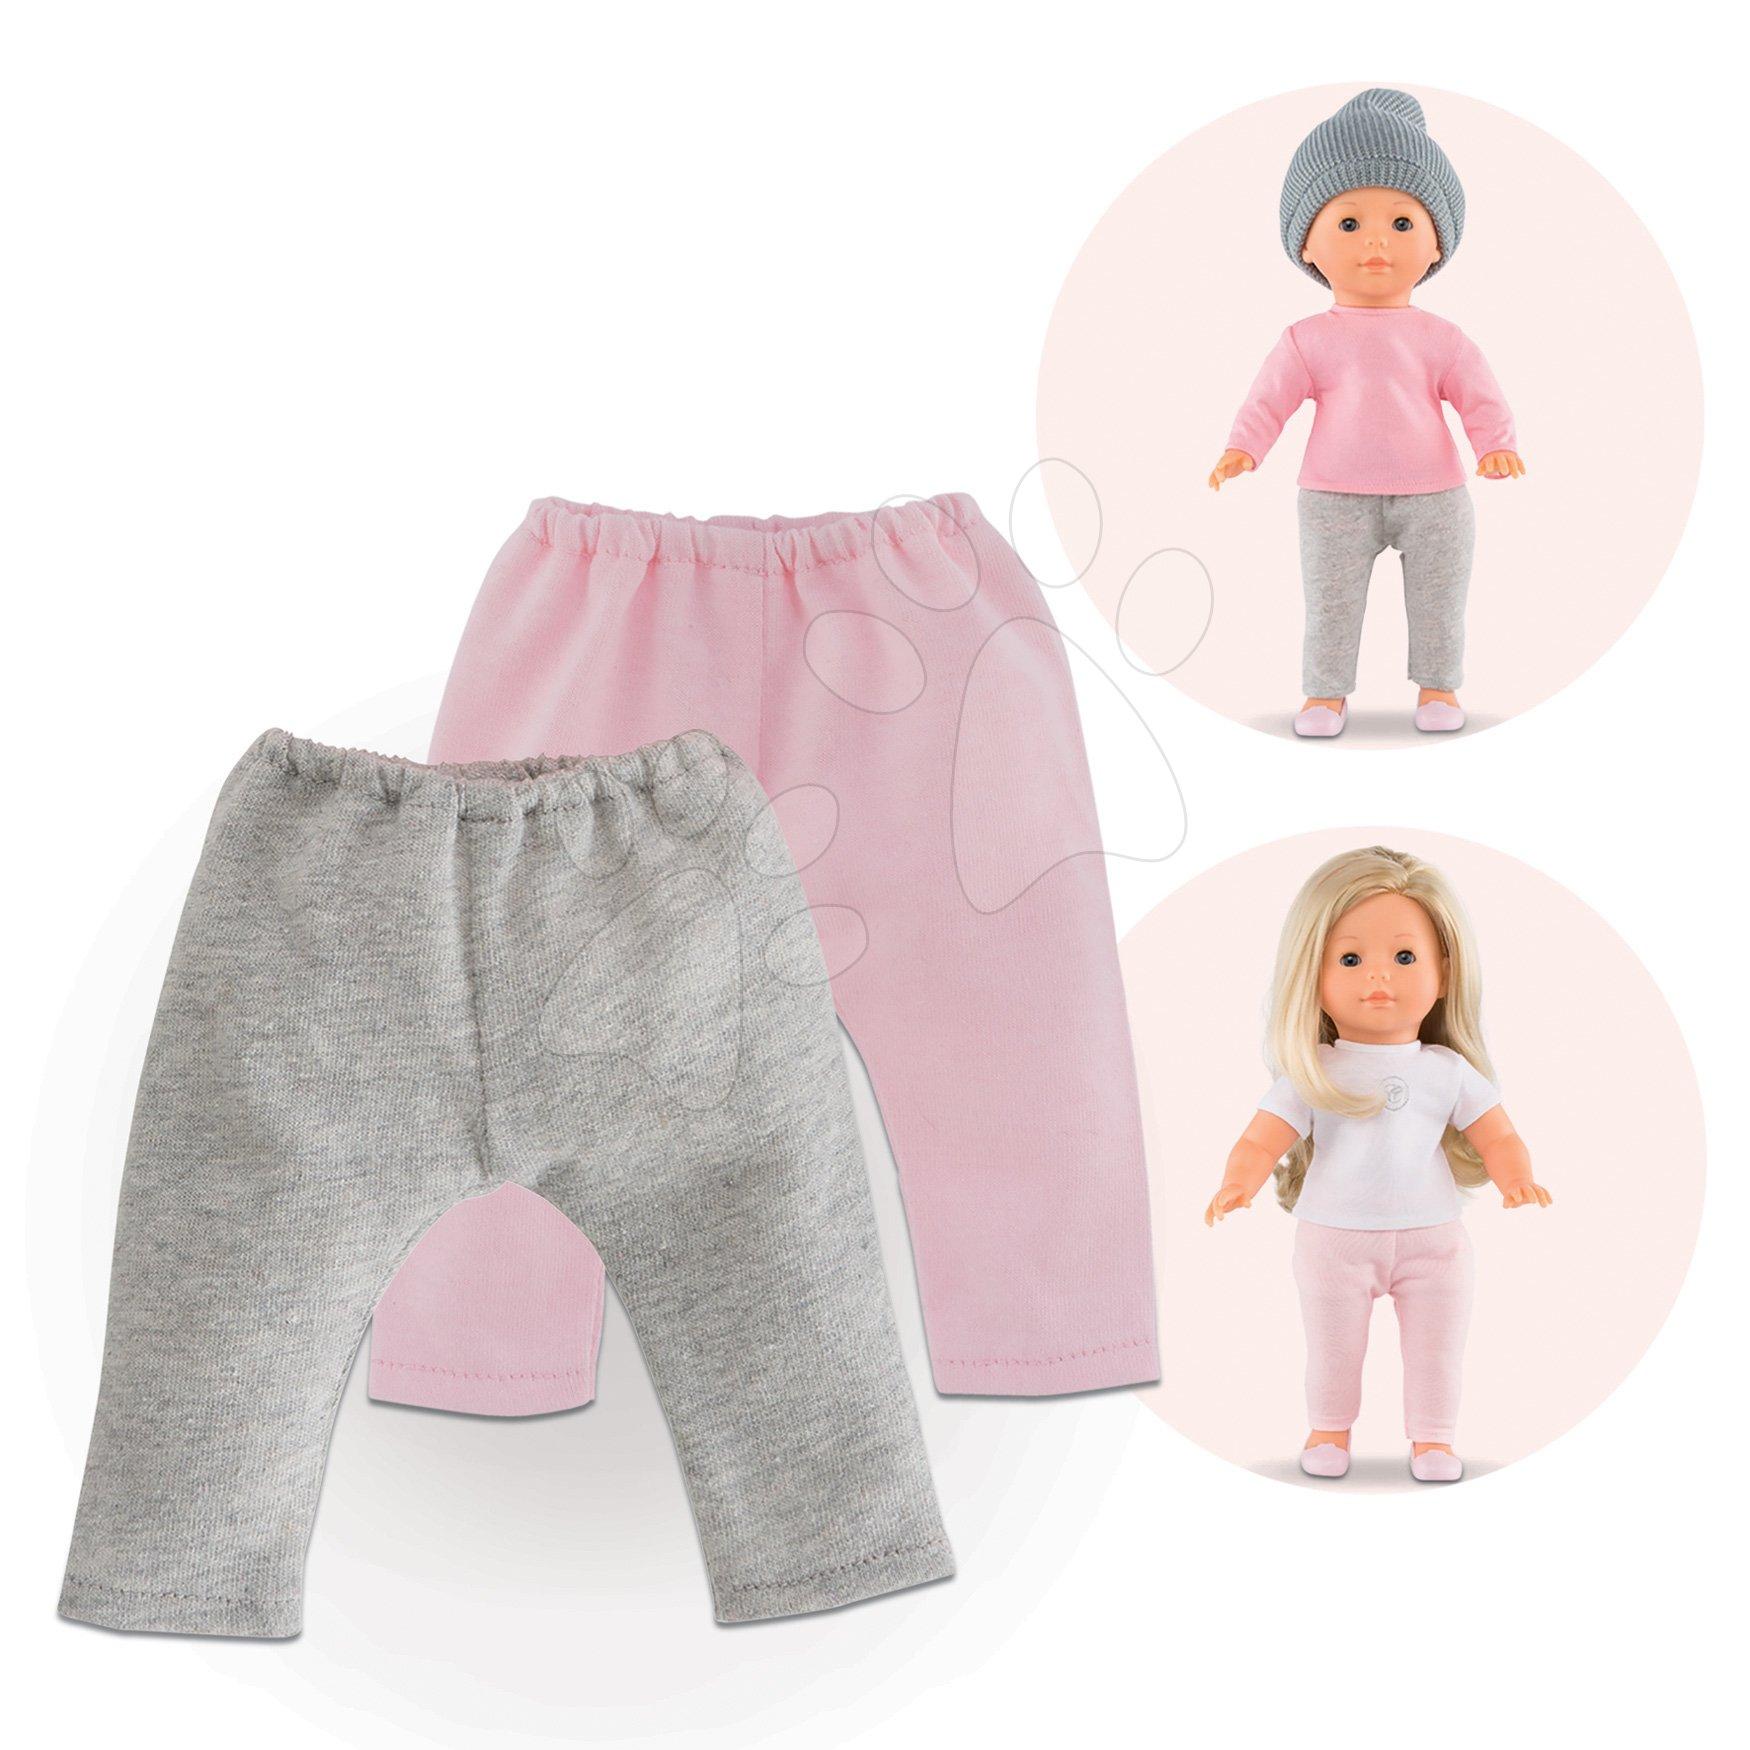 Oblečení 2 Leggings Ma Corolle pro 36 cm panenku od 4 let